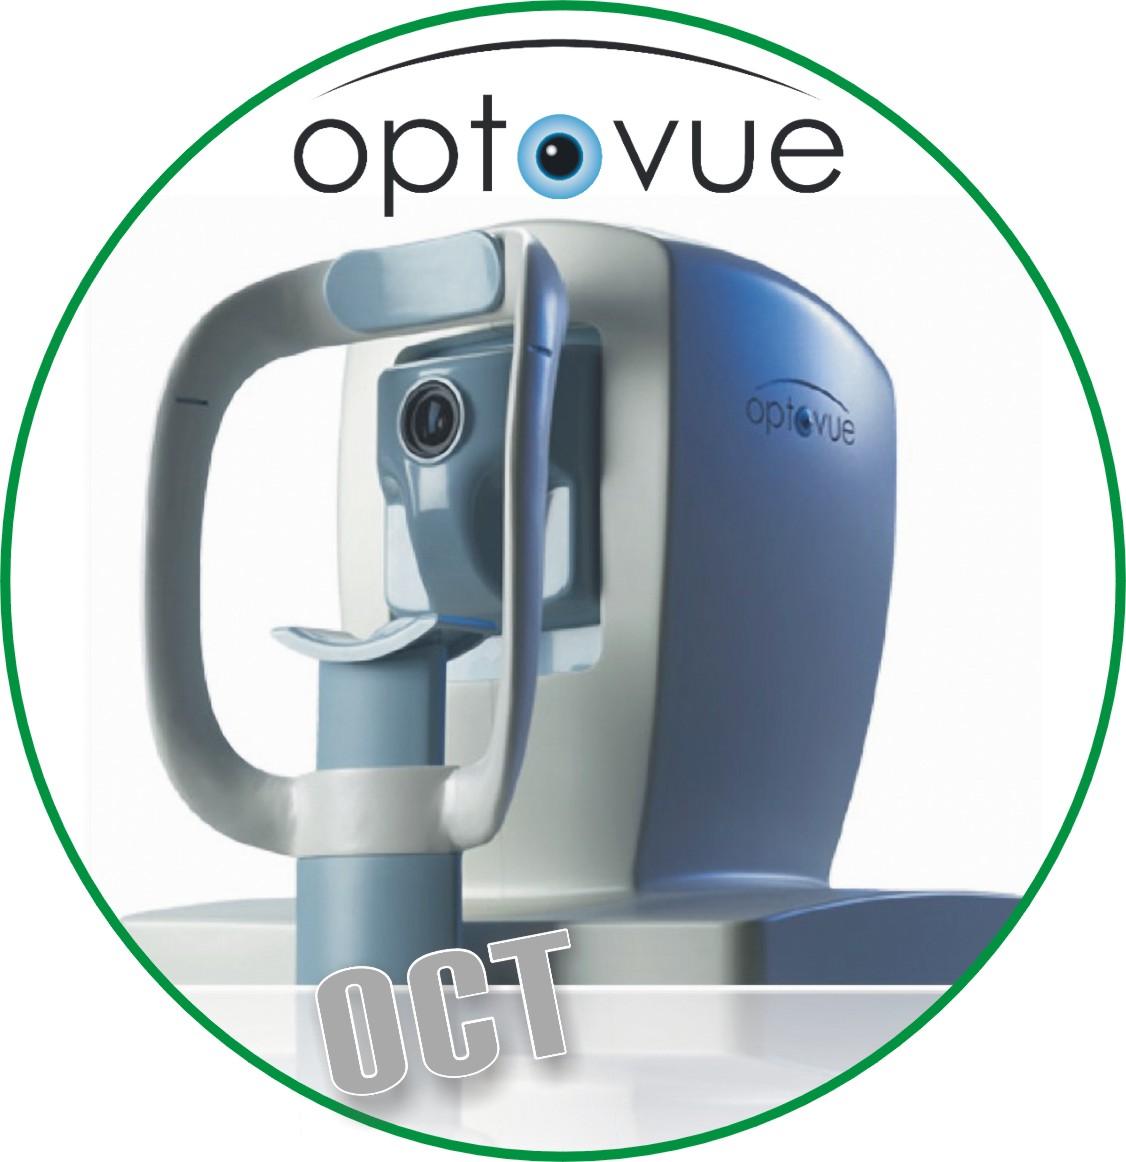 光學同調斷層掃描儀(OCT)